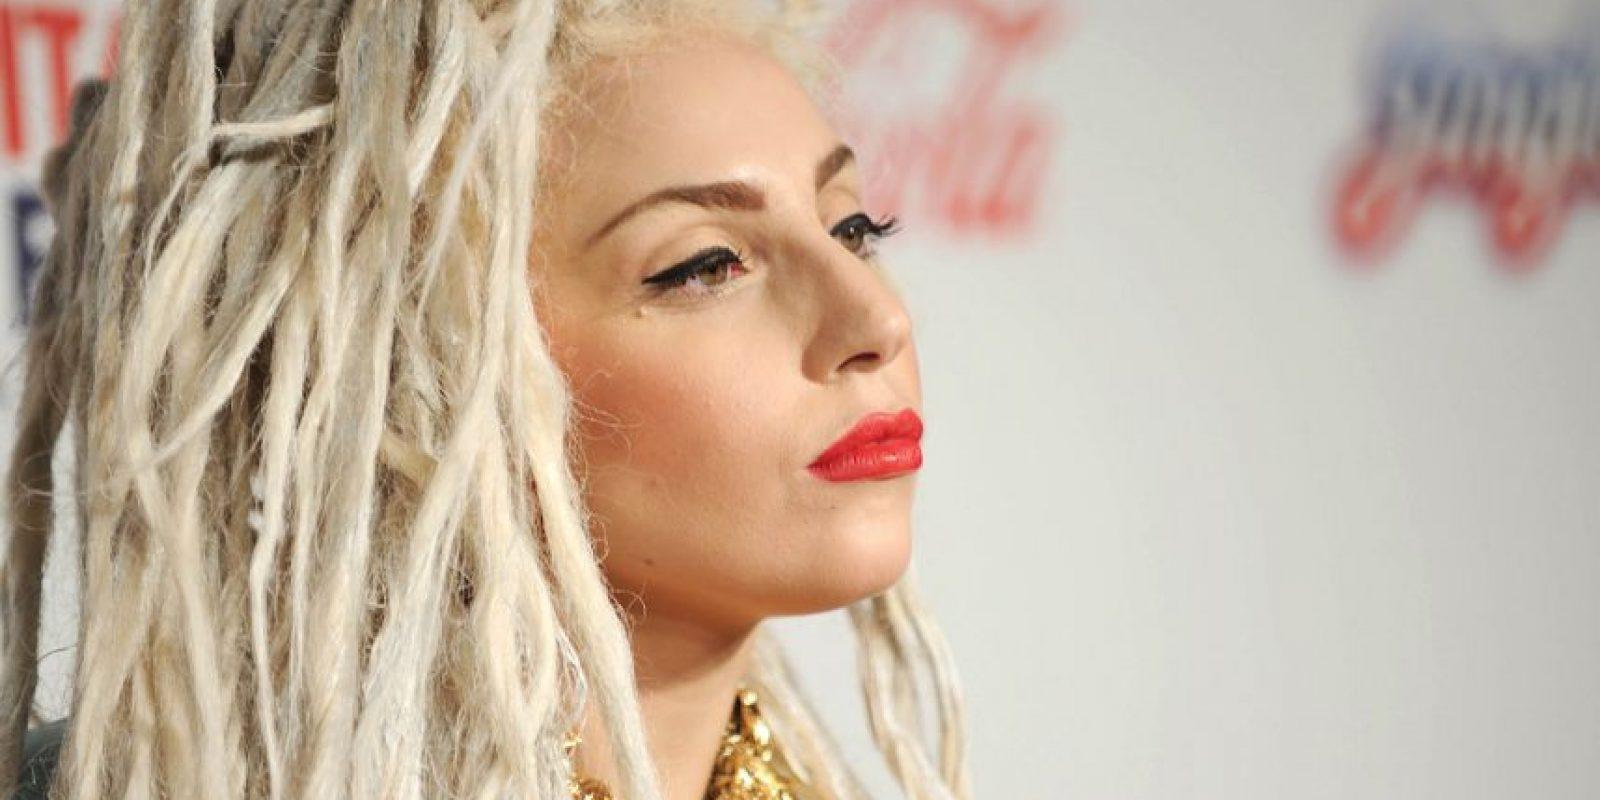 Lady Gaga ganó 33 millones de dólares Foto:Getty Images